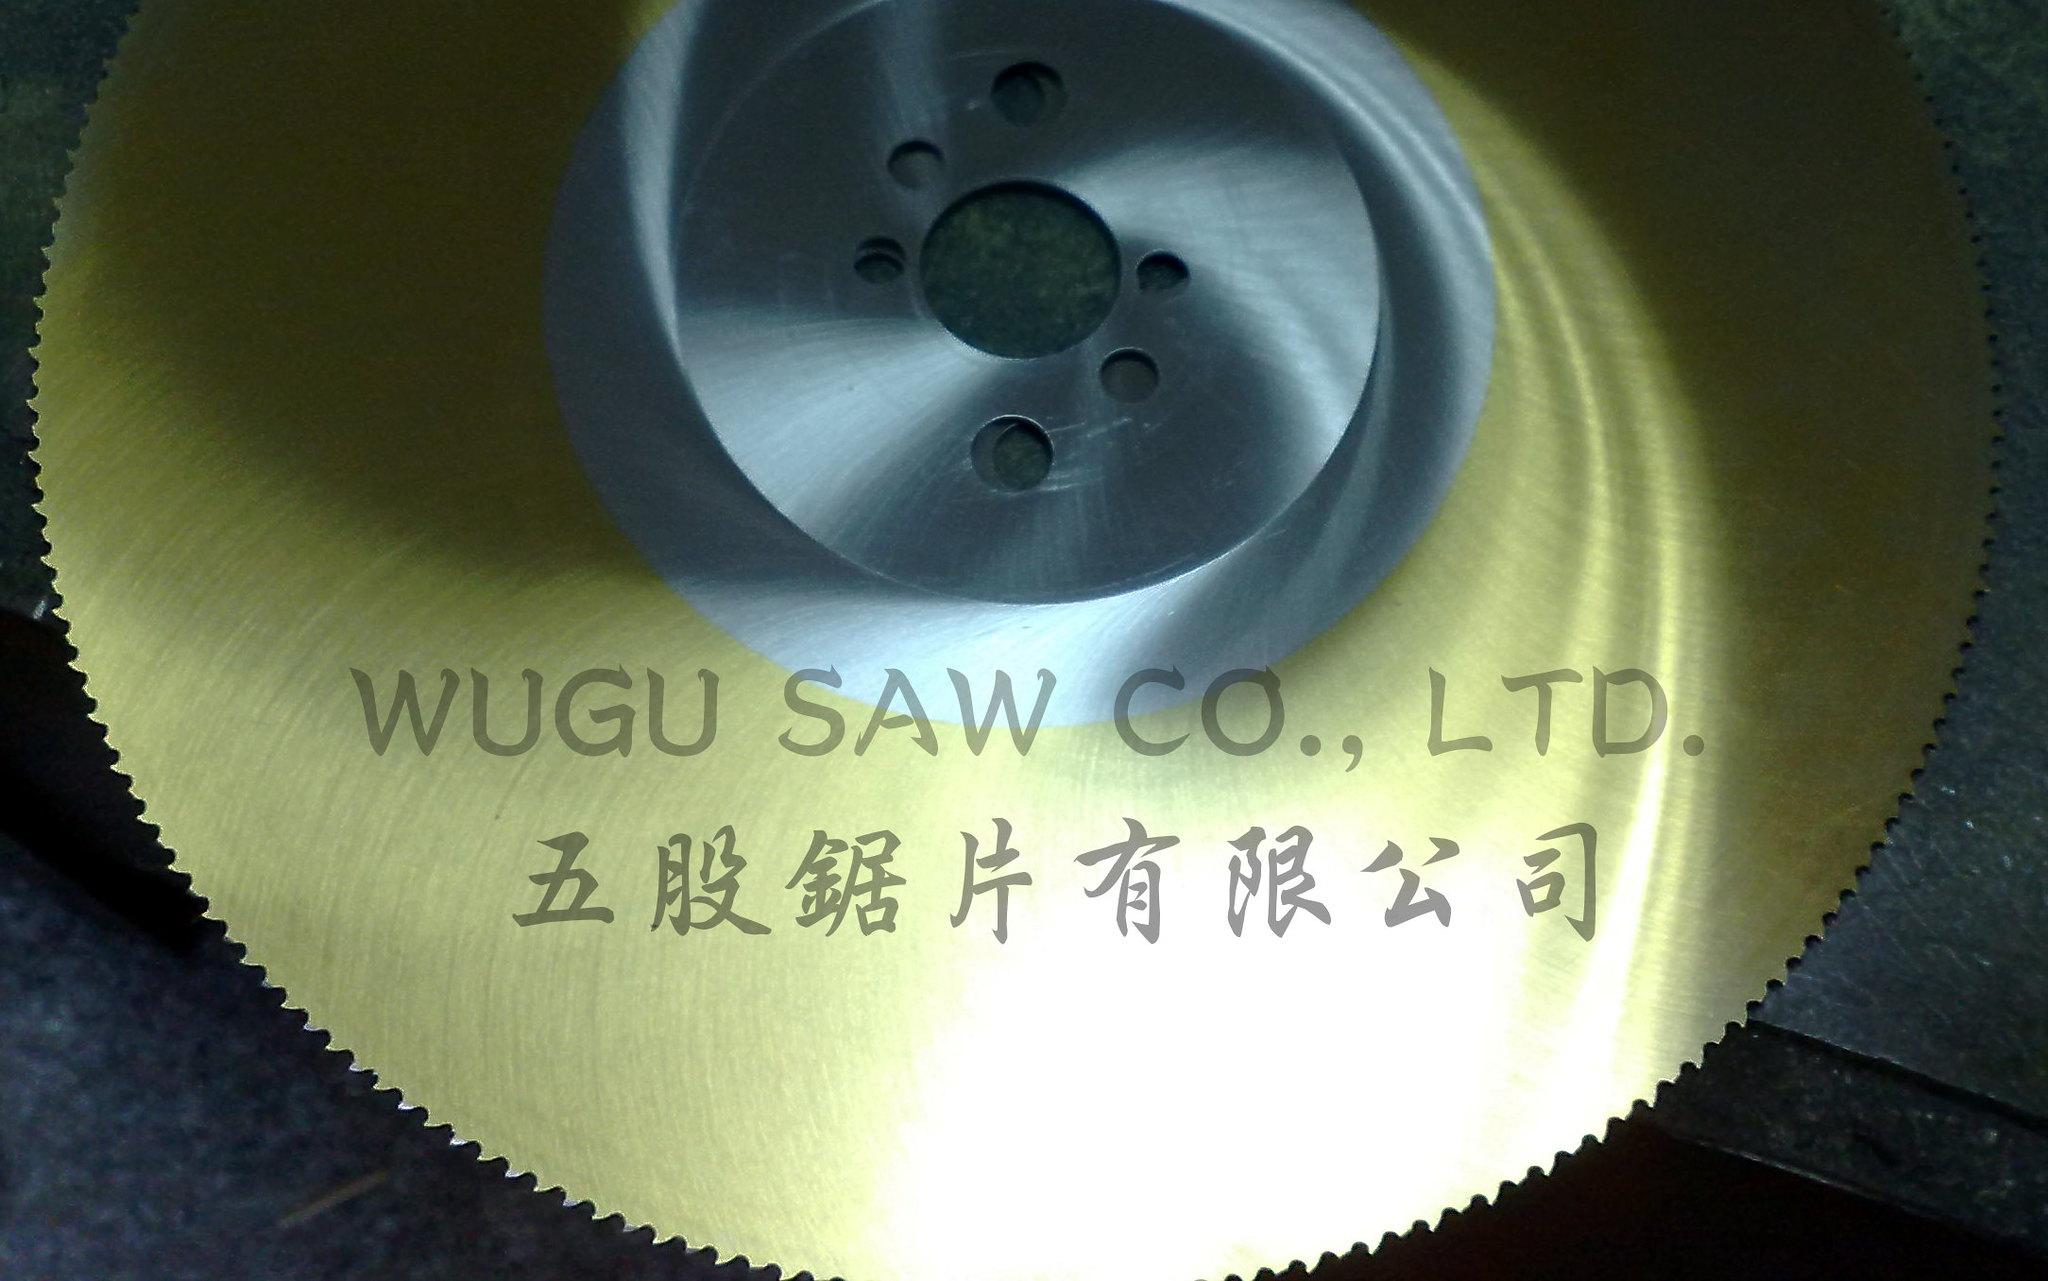 CNC全自動丸鋸刃研削 HSS鋸片 槽鋸片 切削刀具 進口→加工→批發零售